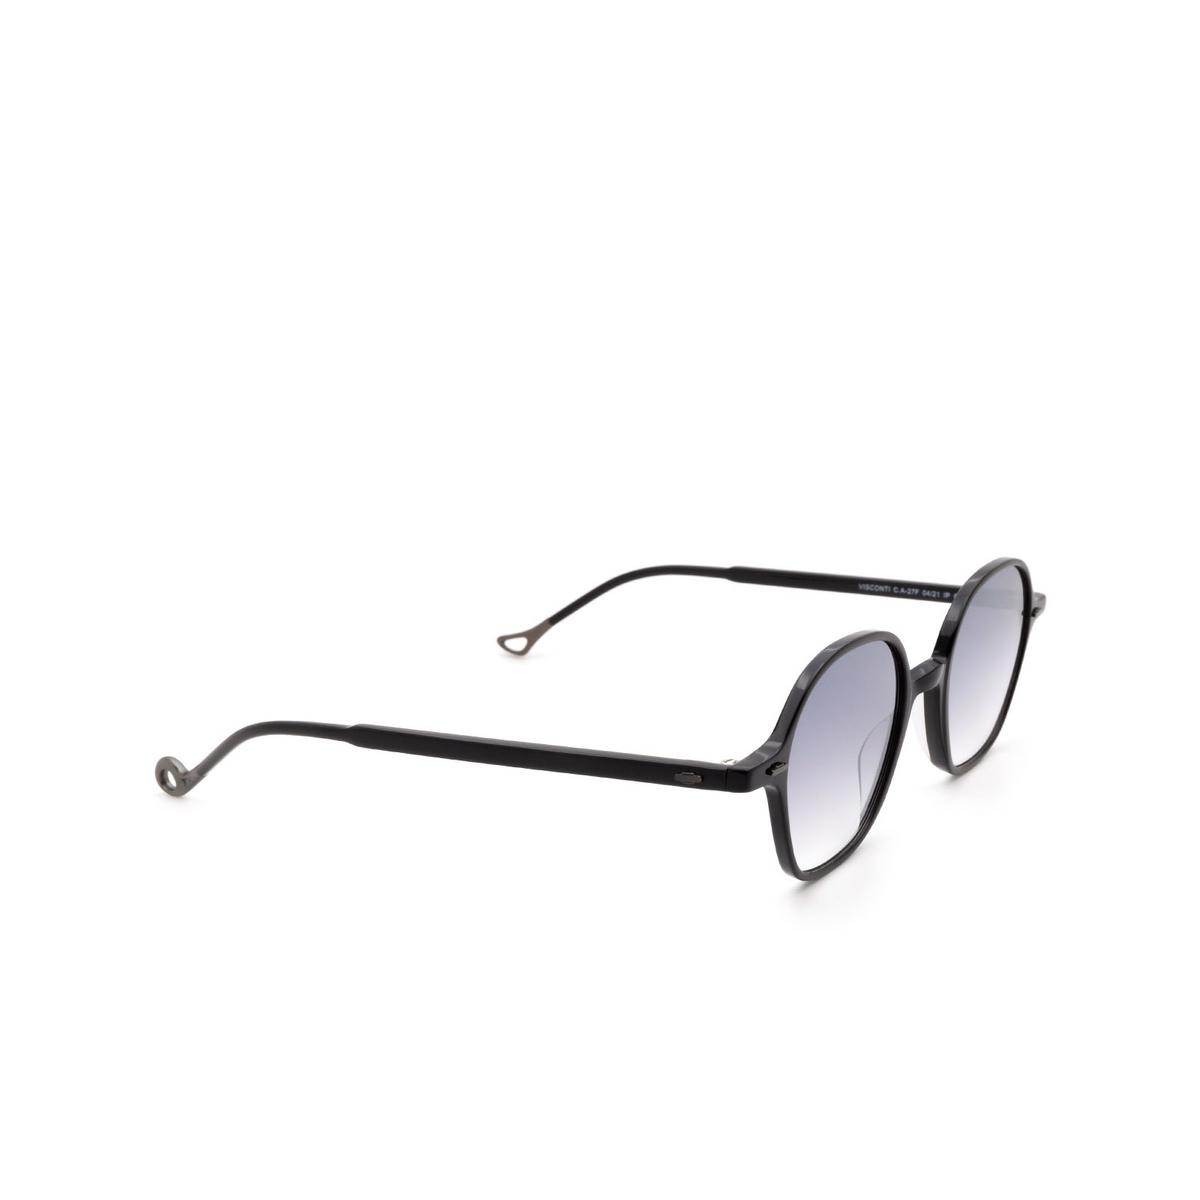 Eyepetizer® Irregular Sunglasses: Visconti color Black C.A-27F - three-quarters view.